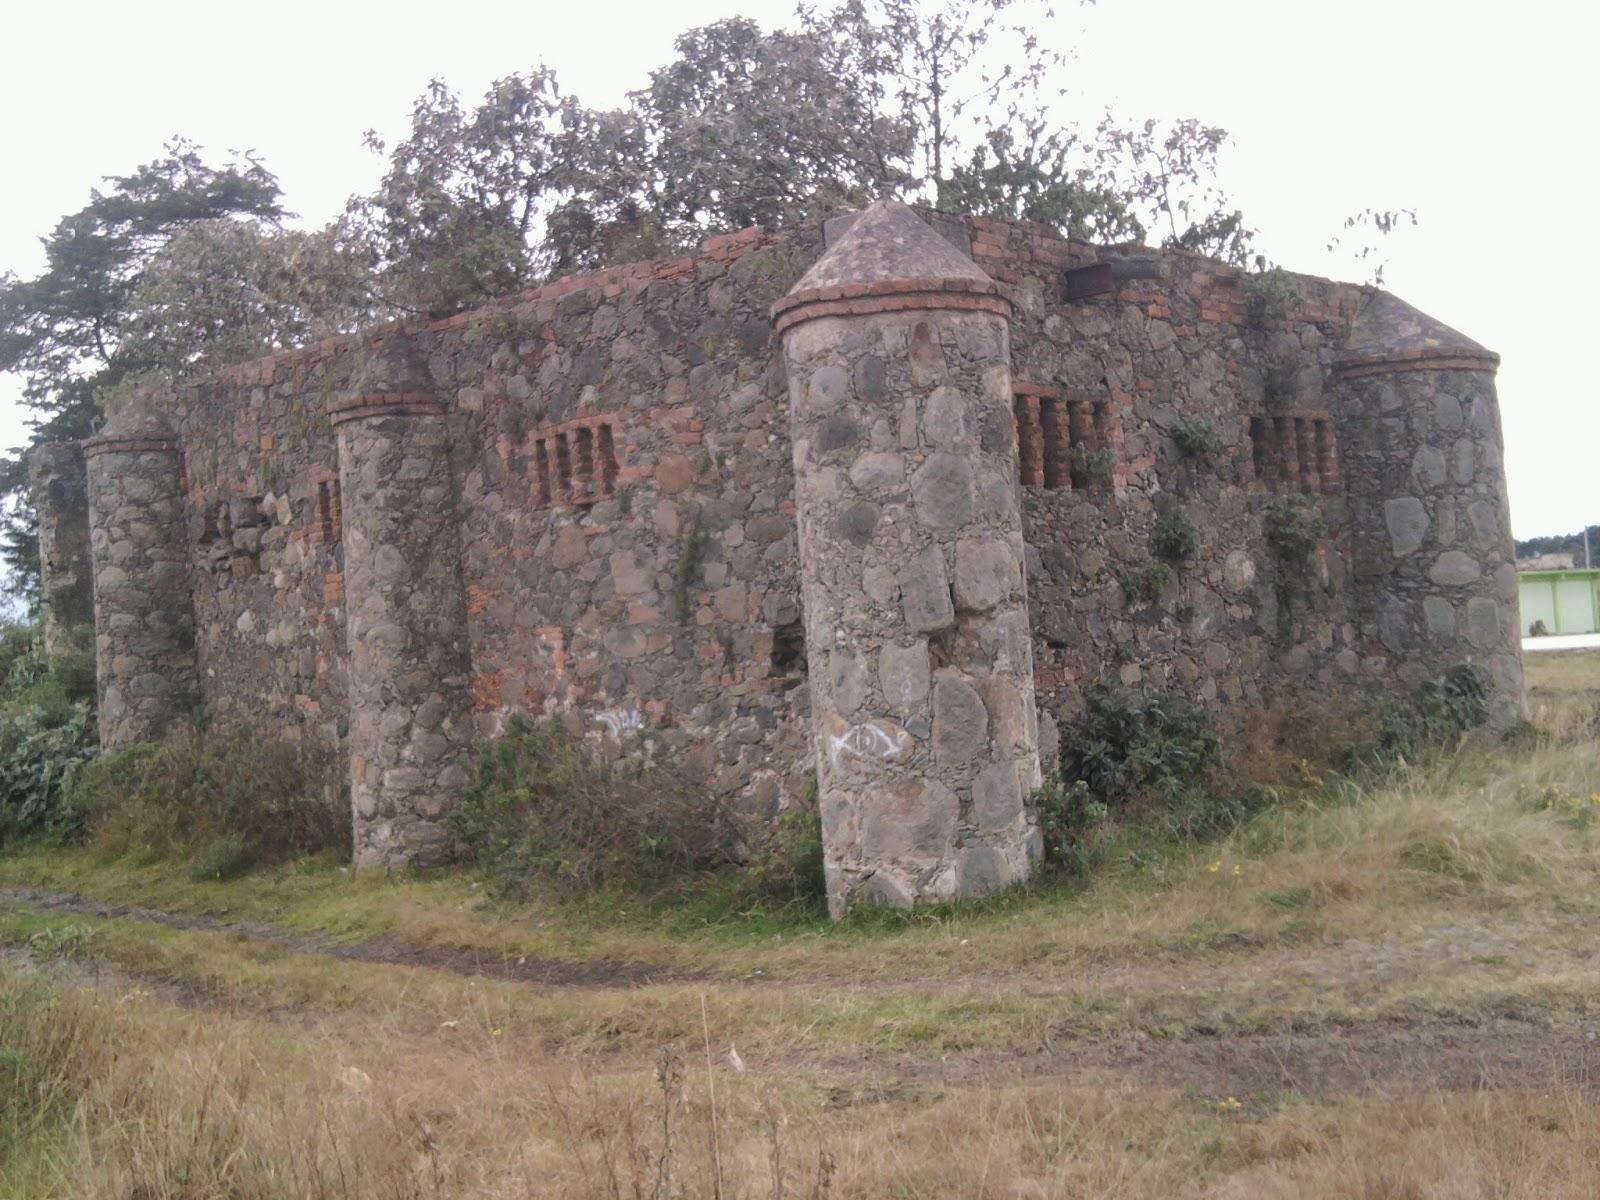 El tesoro que Hidalgo dejó en Aculco. Historia real y documentada. Foto0231